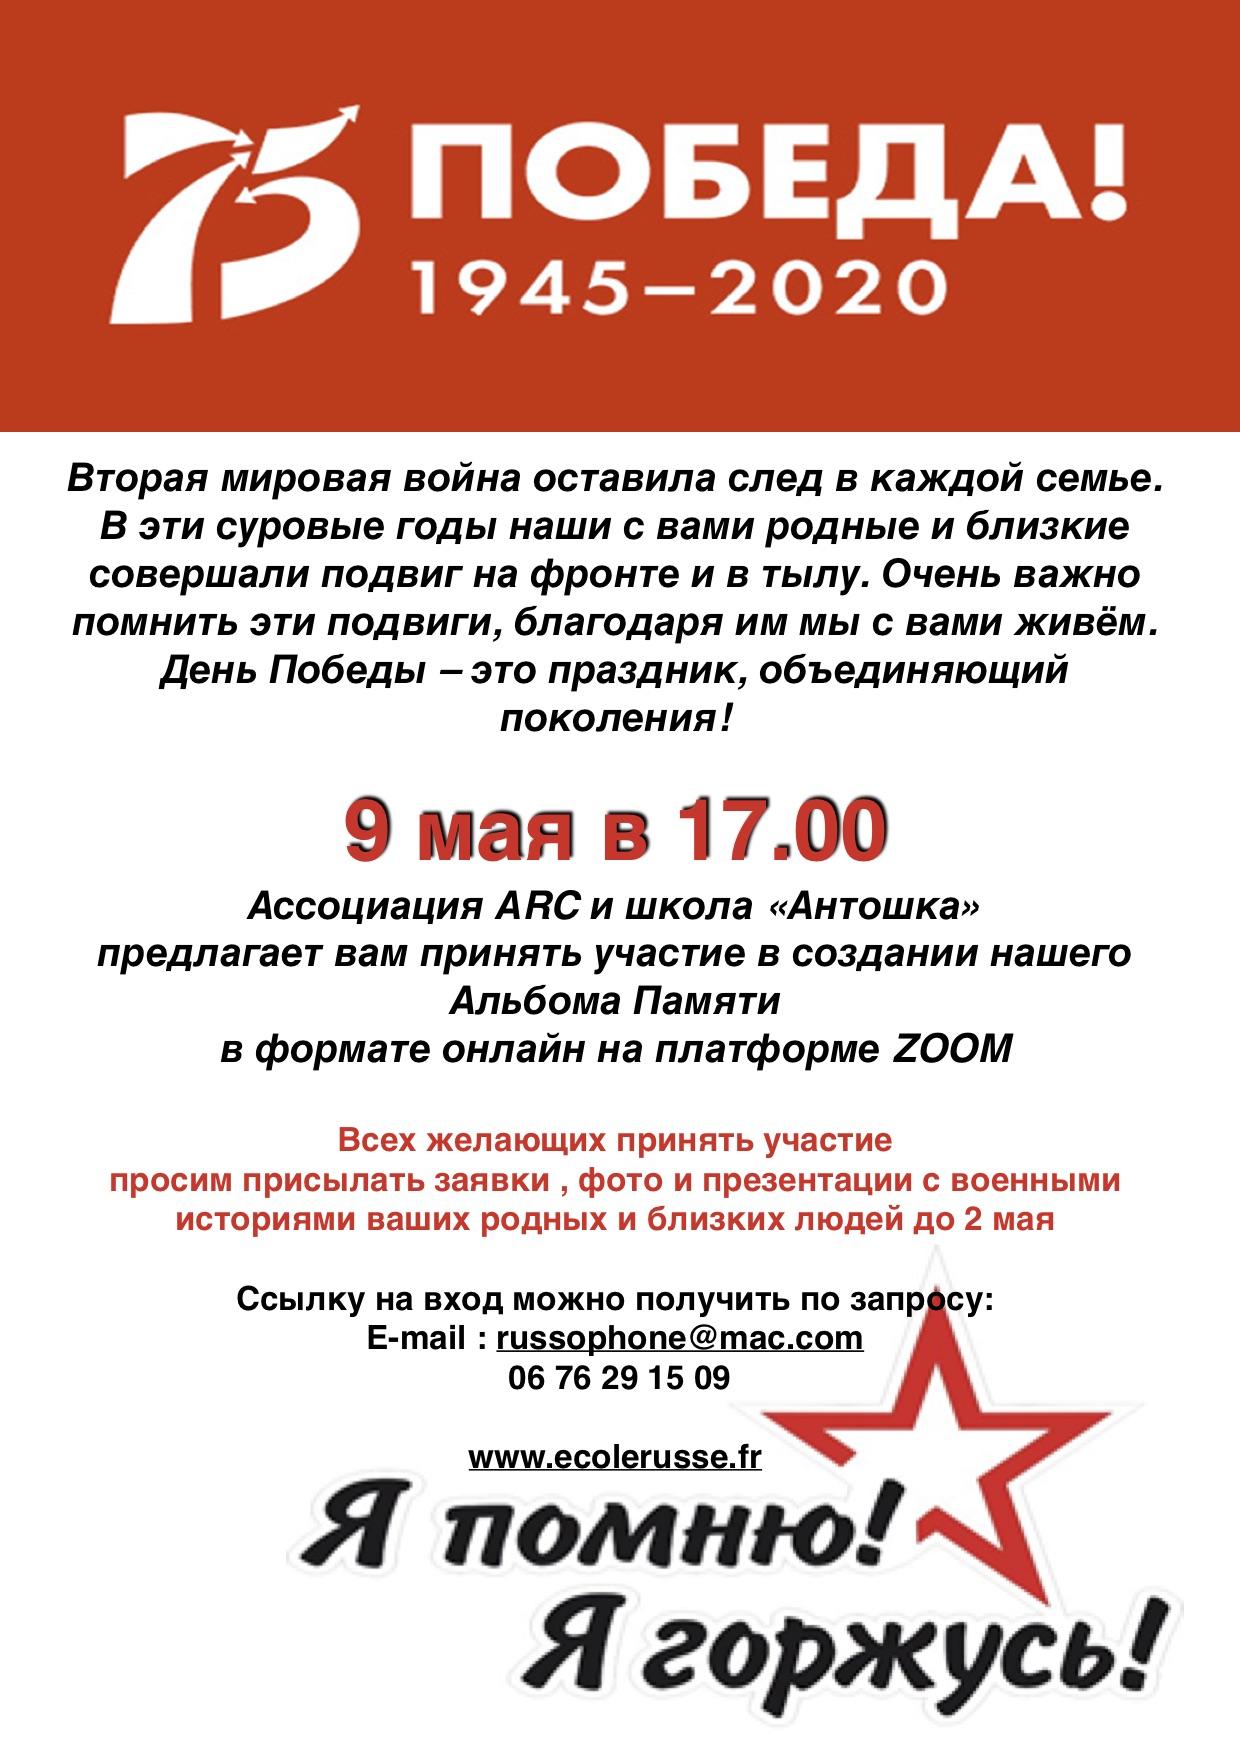 9 мая в 17.00 онлайн -альбом Памяти 75 лет ПОБЕДЫ